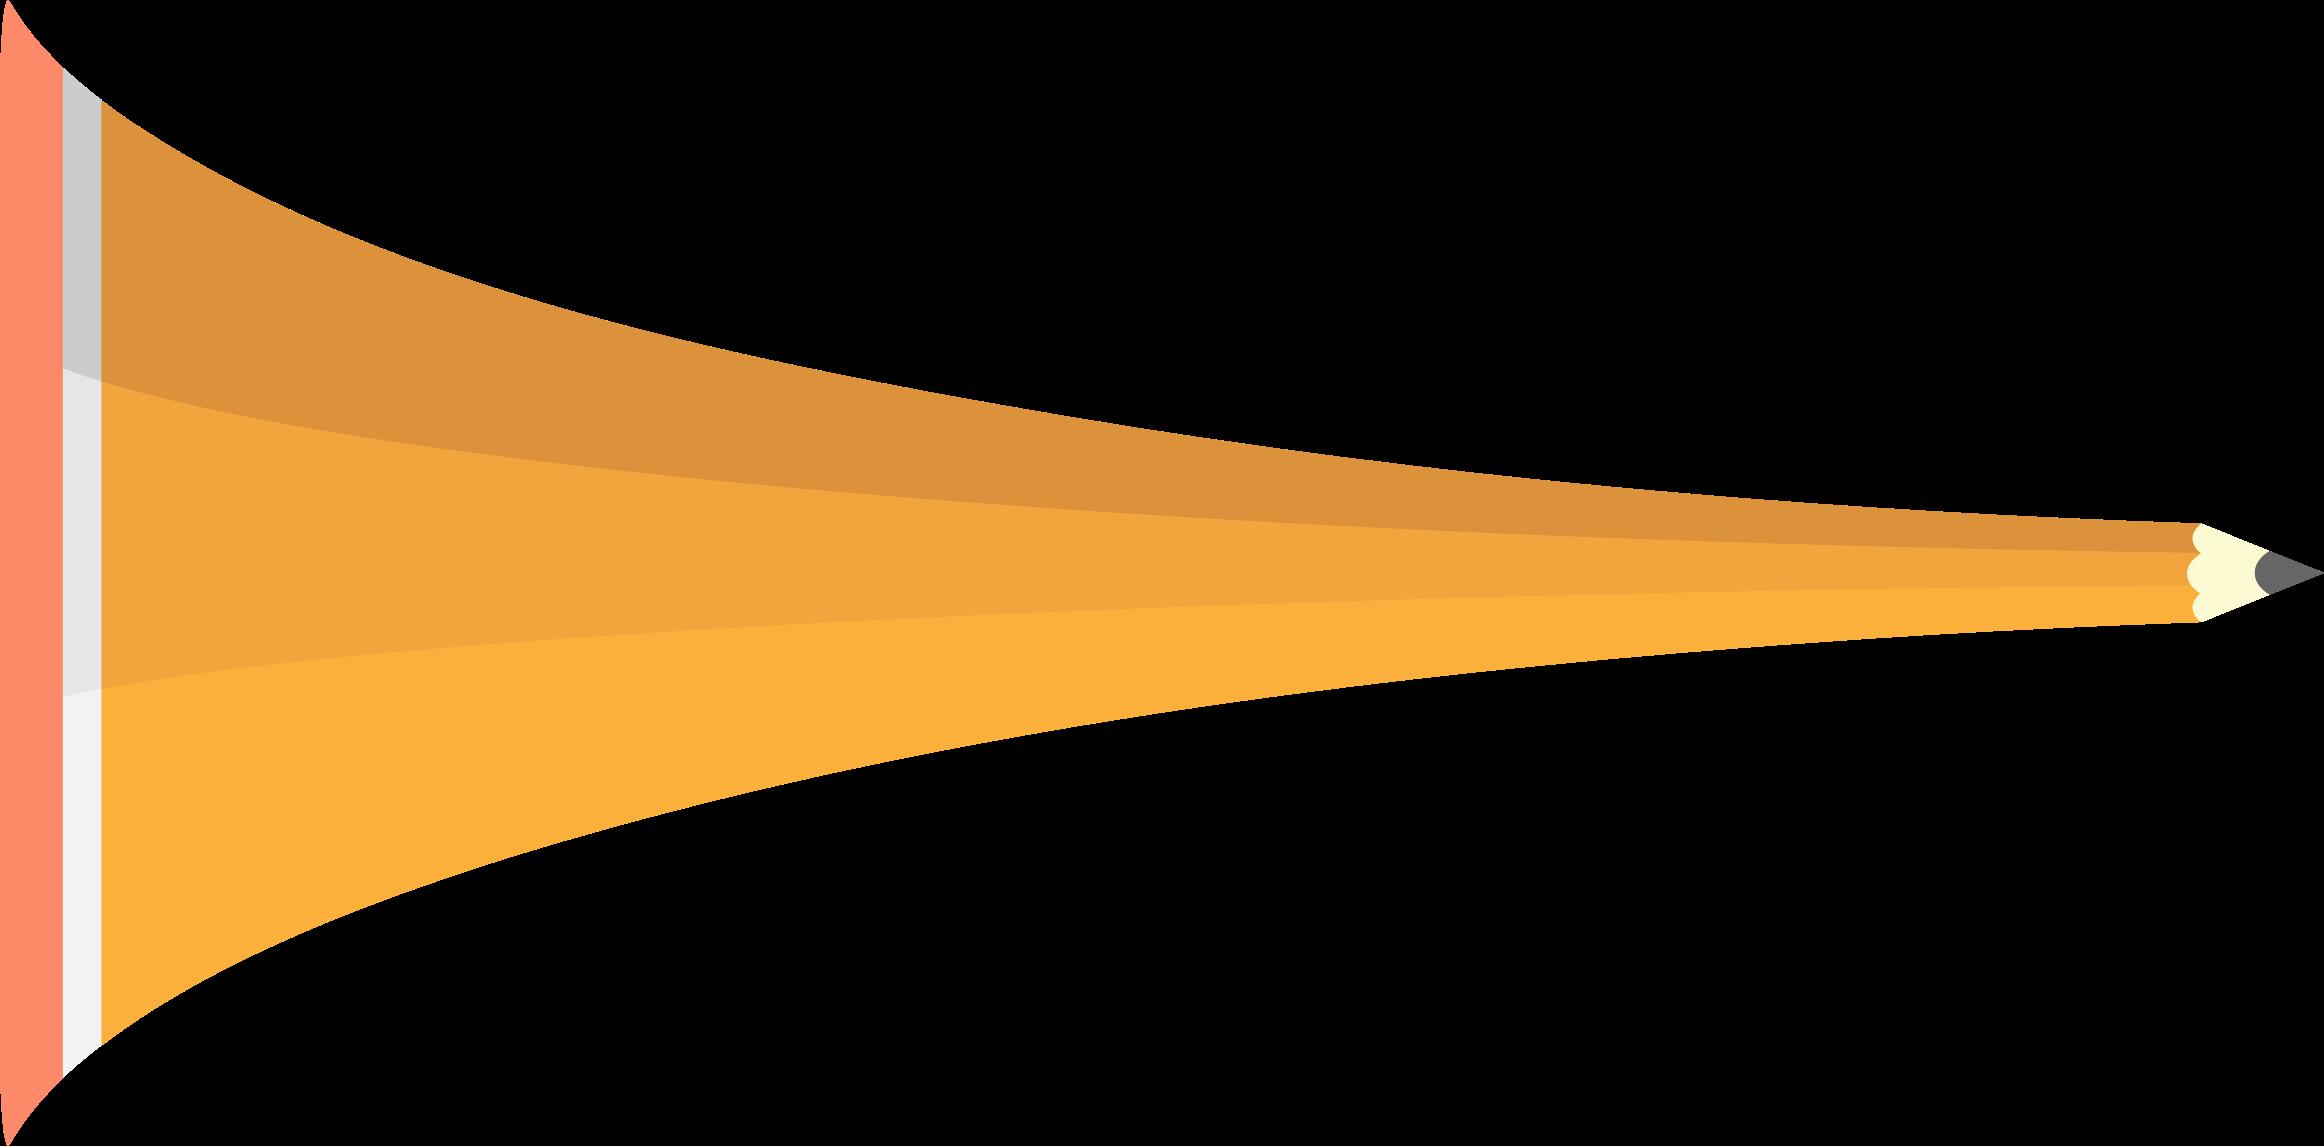 Pencil clipart logo. Big image png